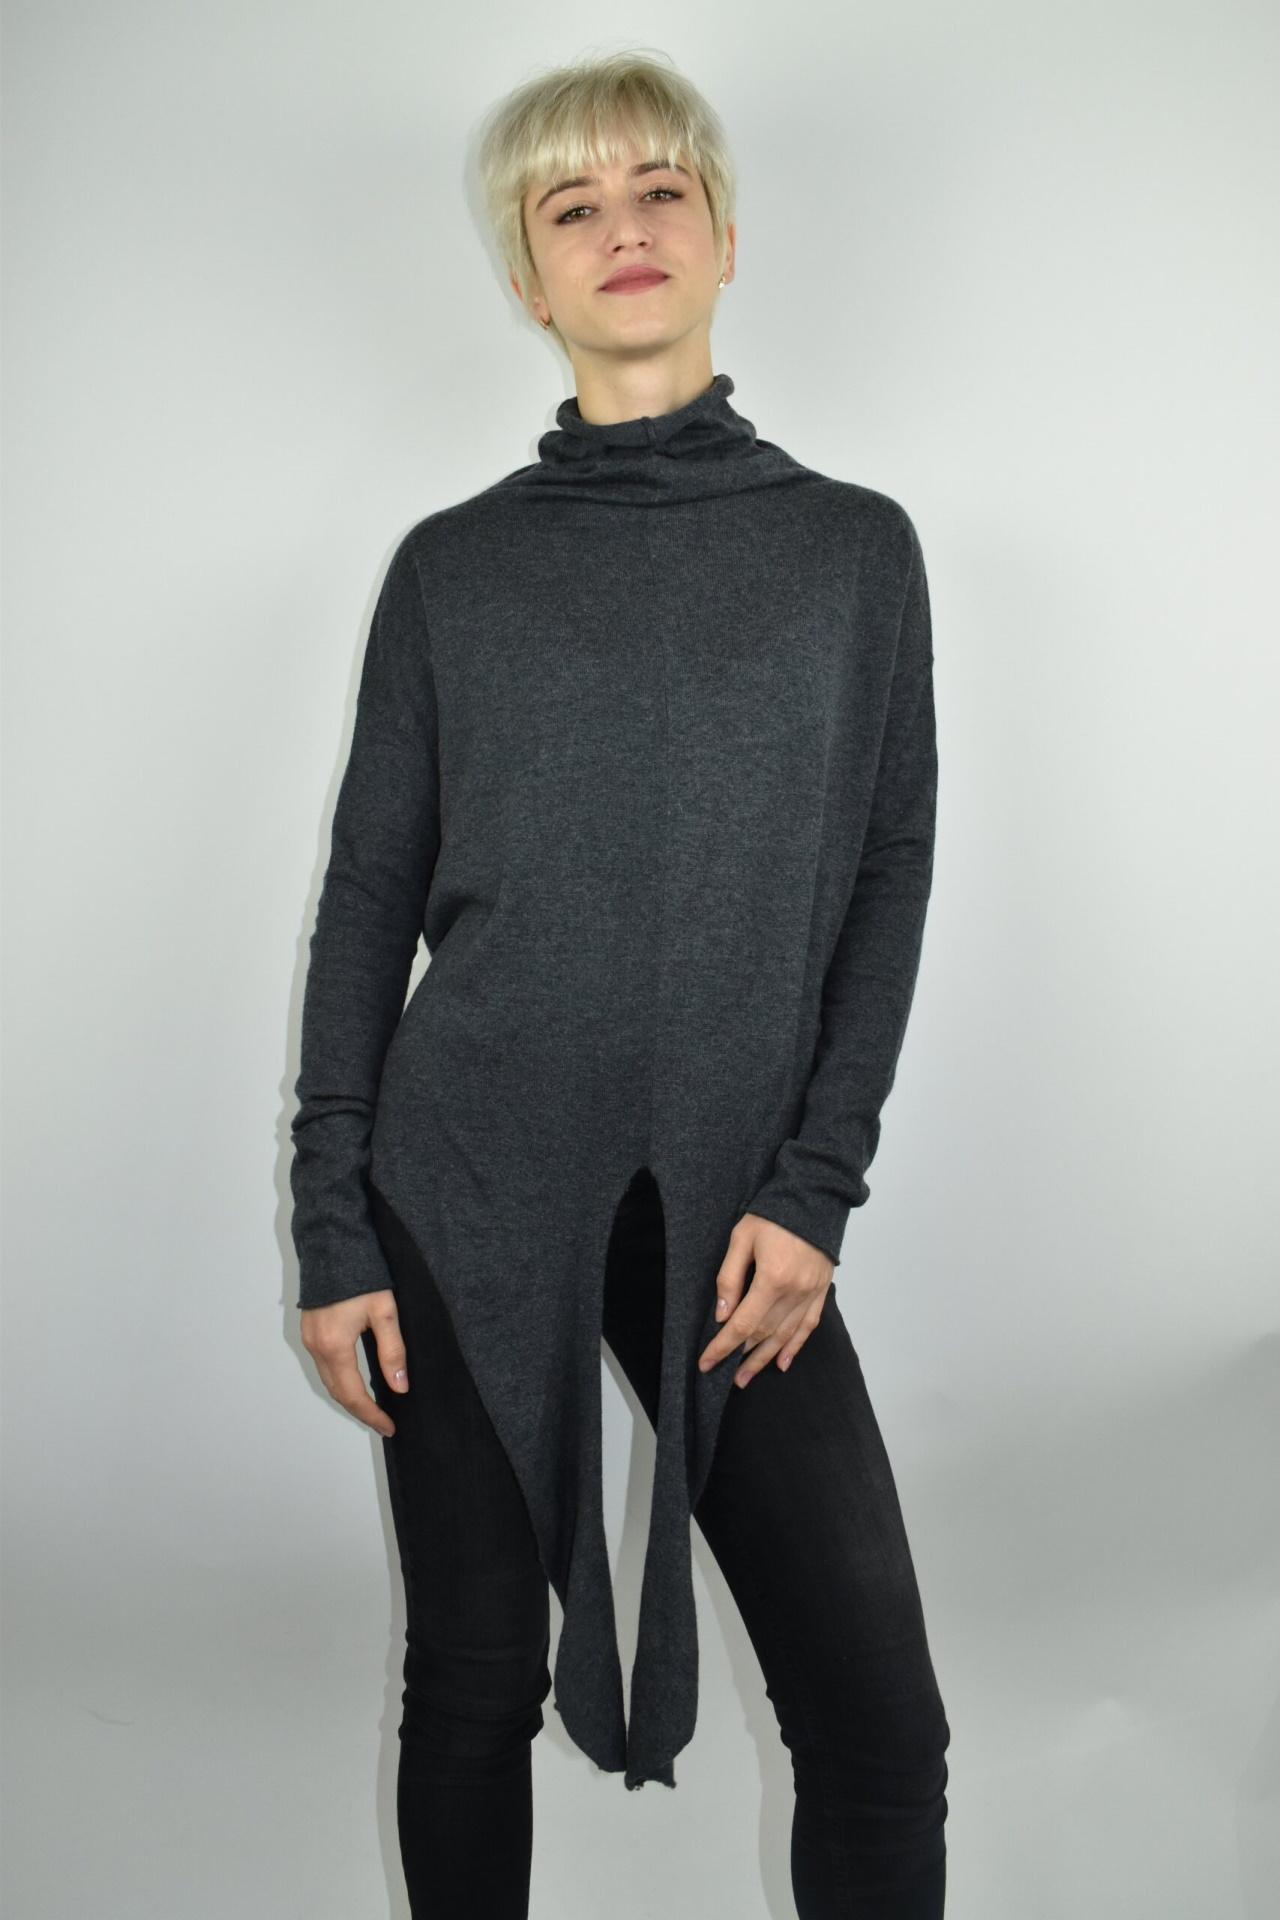 GIADA GRIGIO MAGLIA DONNA CASHMERE SETA COLLO ALTO MANICA LUNGA 3 1stAmerican maglia dolcevita collo alto da donna in seta cashmere - maglione manica lunga invernale finezza 14